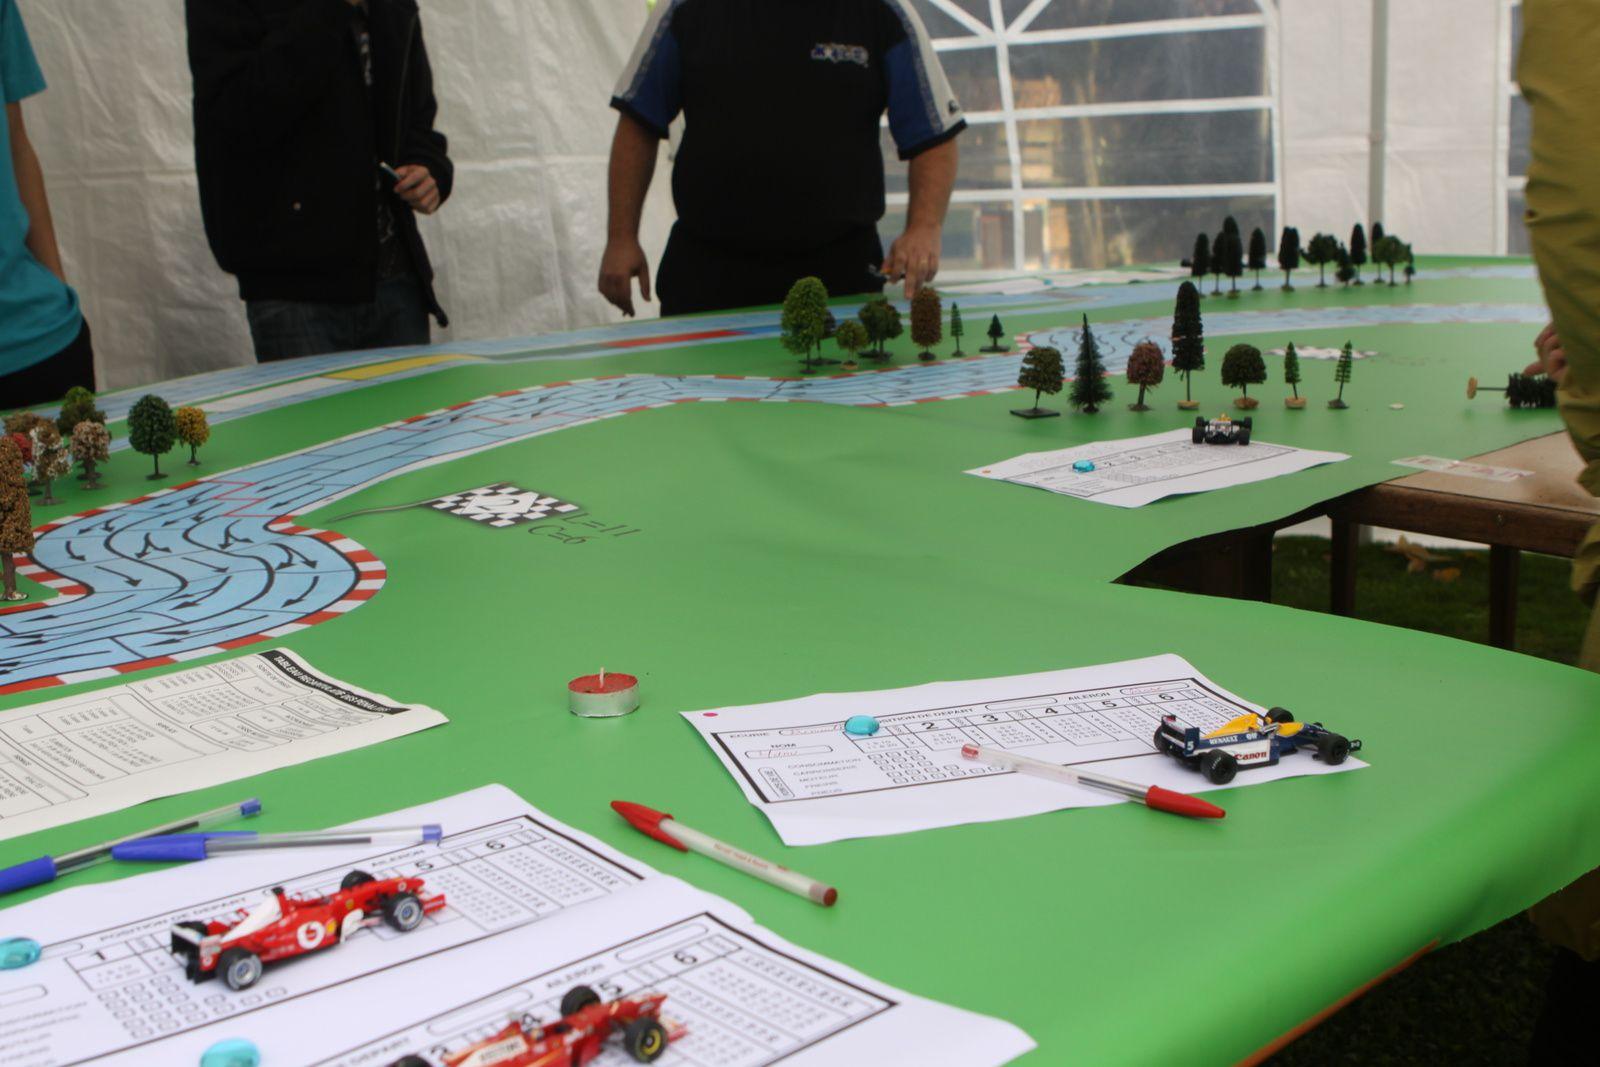 Les équipes reconnaissent le terrain :-) et élaborent des tactiques ..euh à part aller vite  ?...A deux oui un peu ...